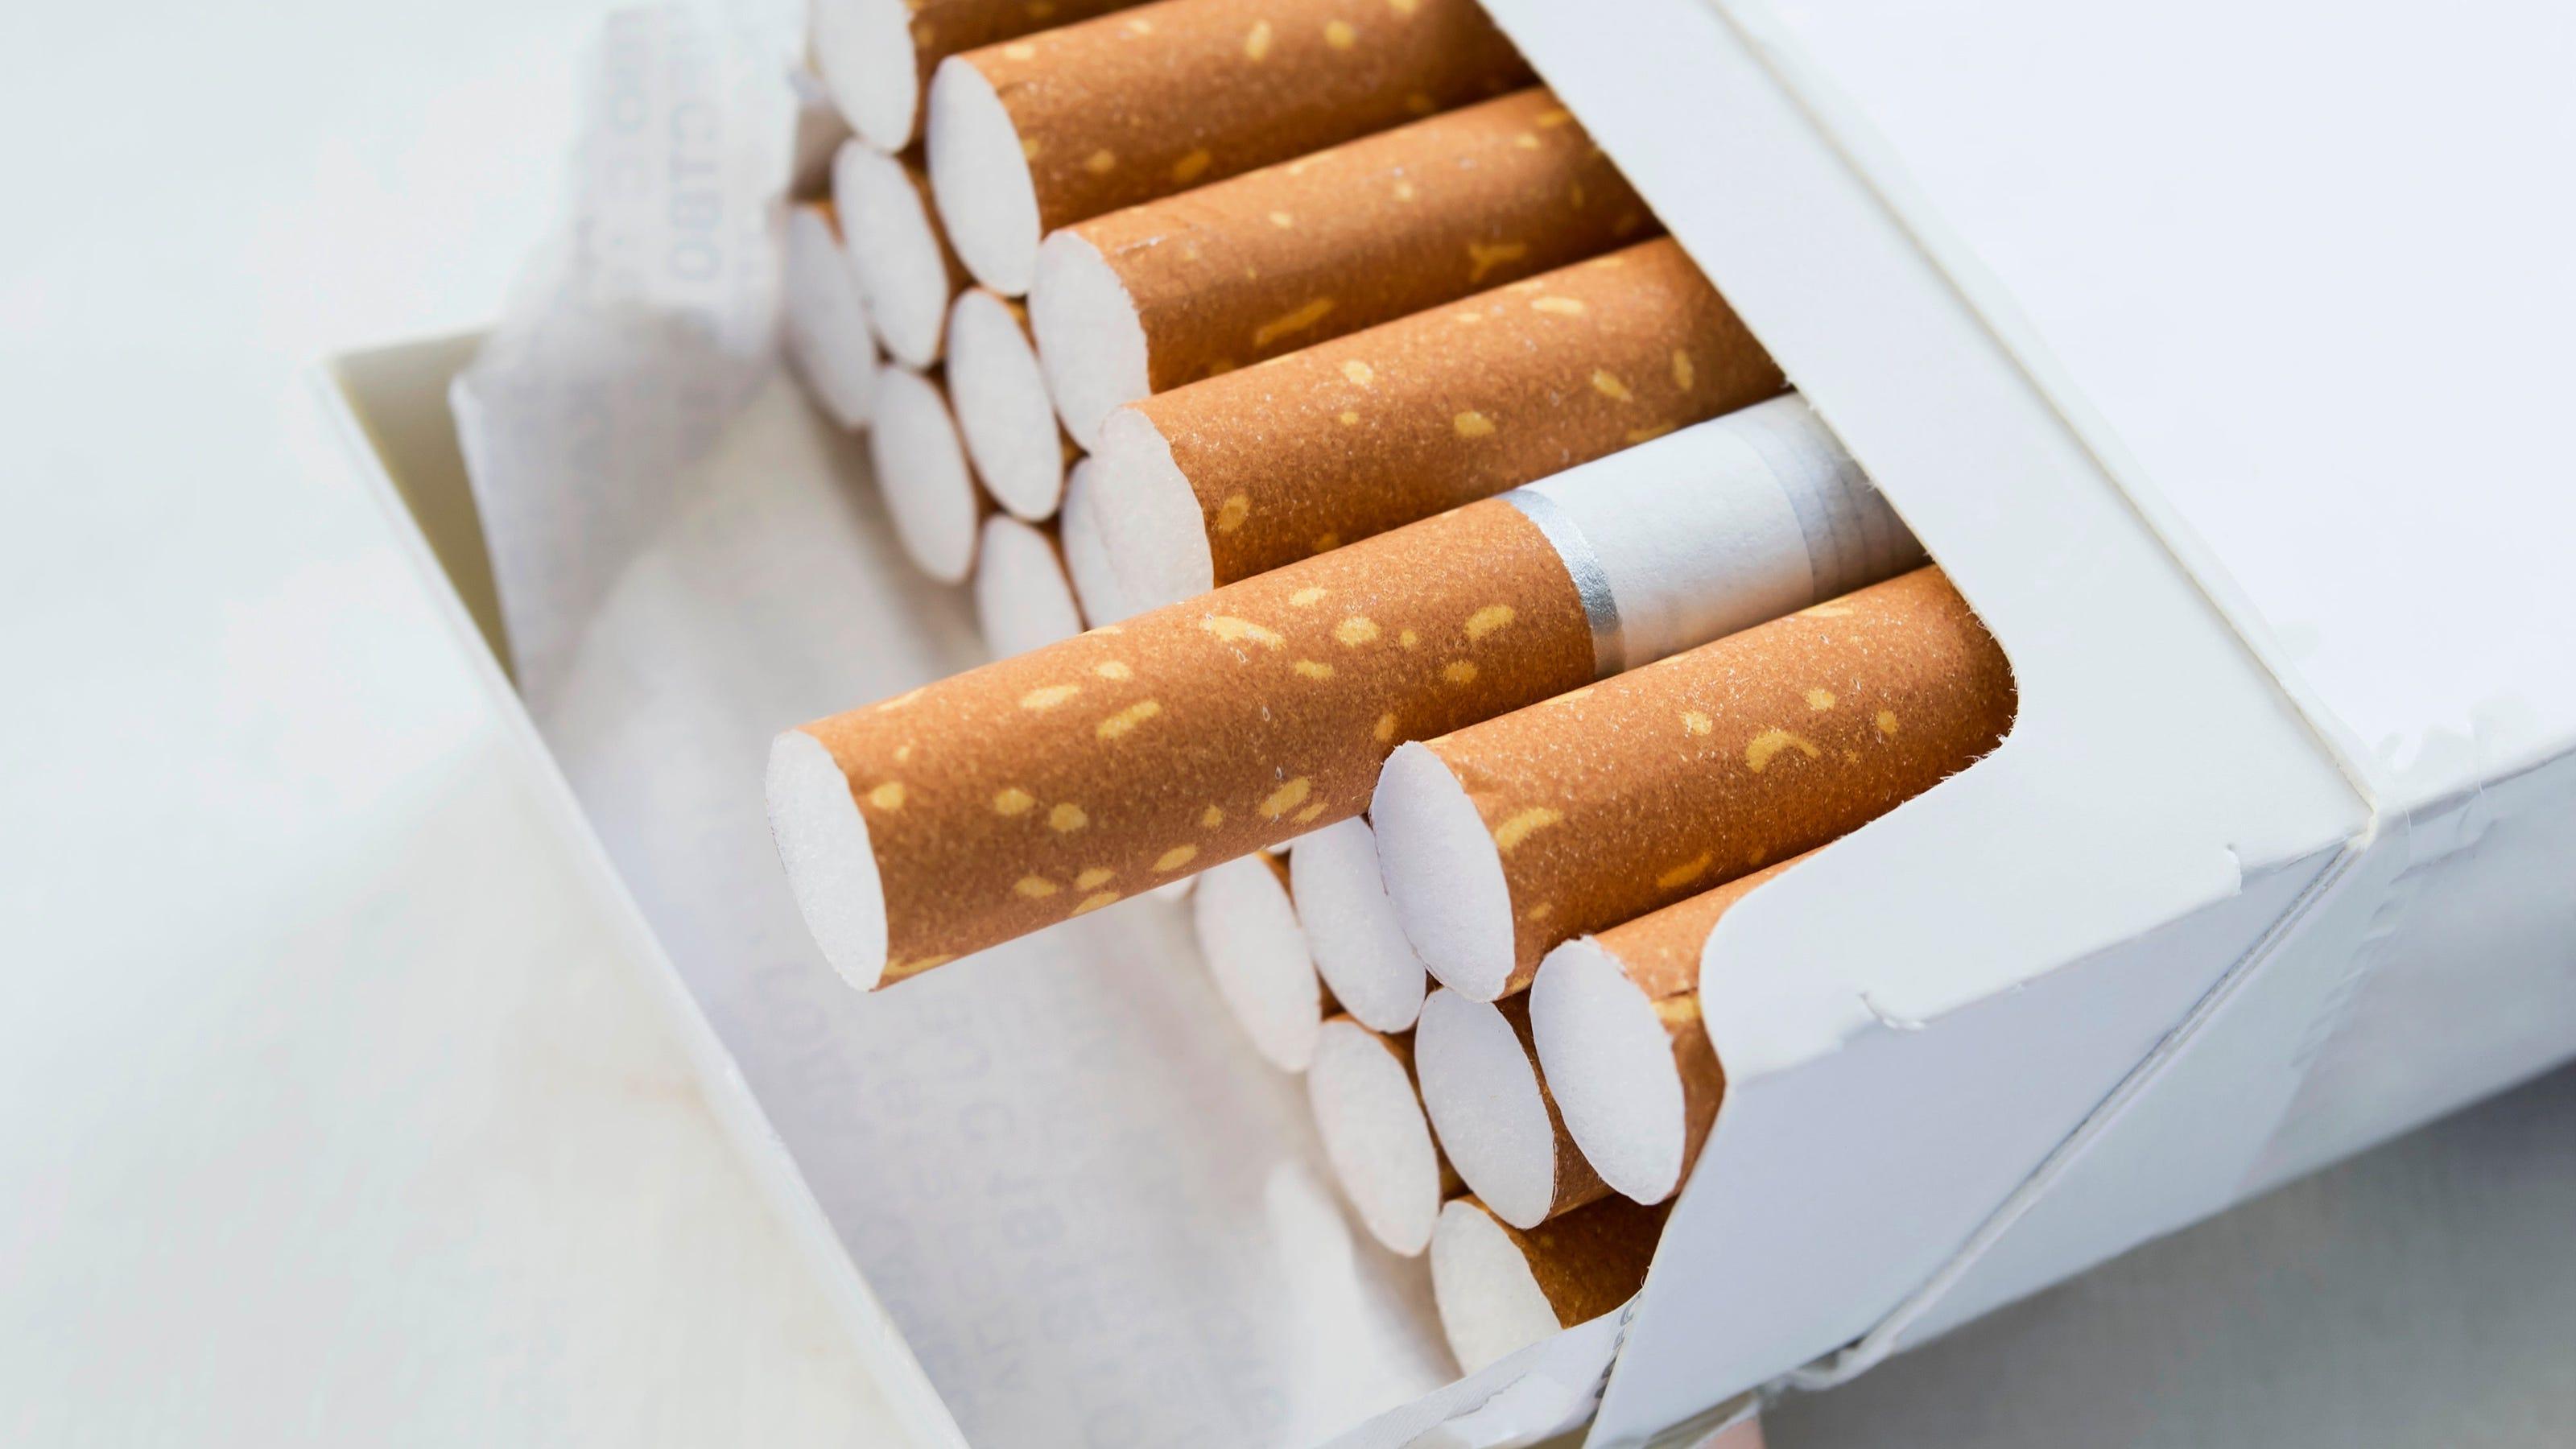 требования маркировке табачных изделиям